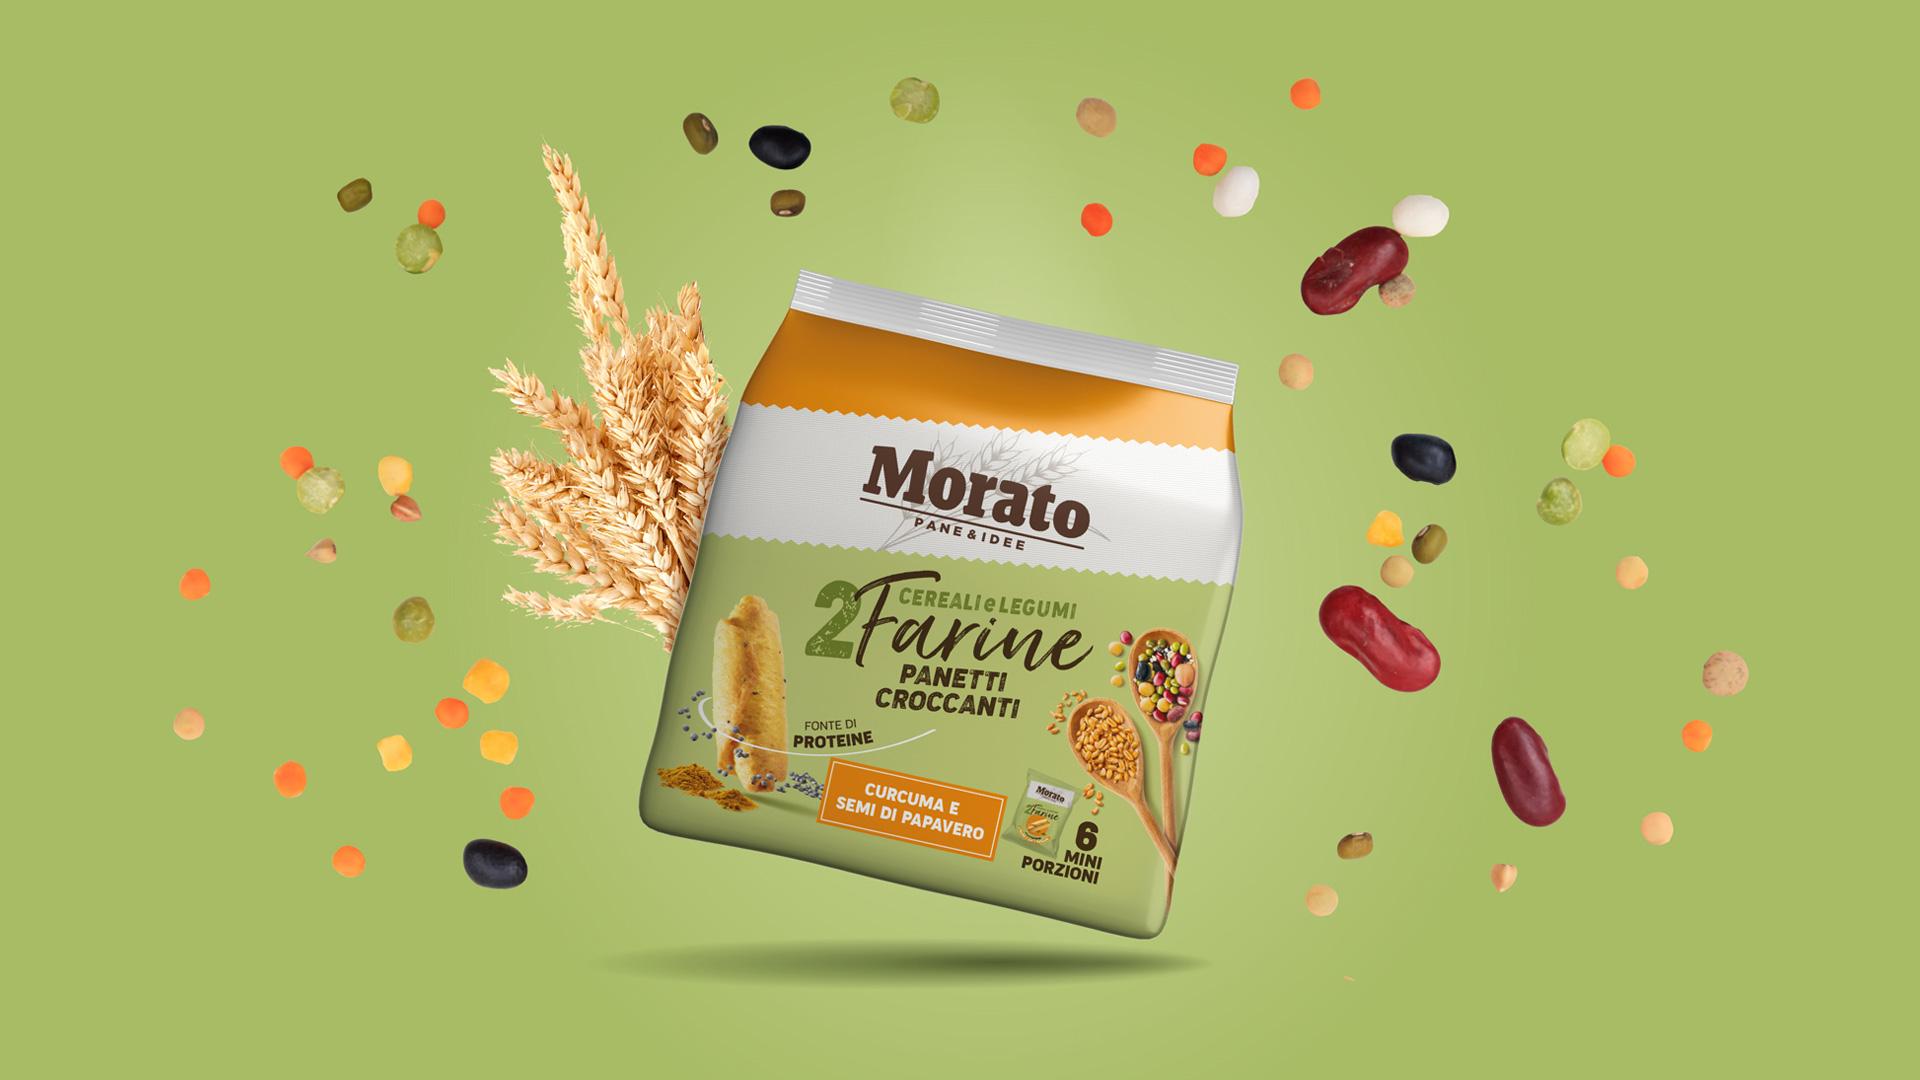 Morato-Rba-Design-004